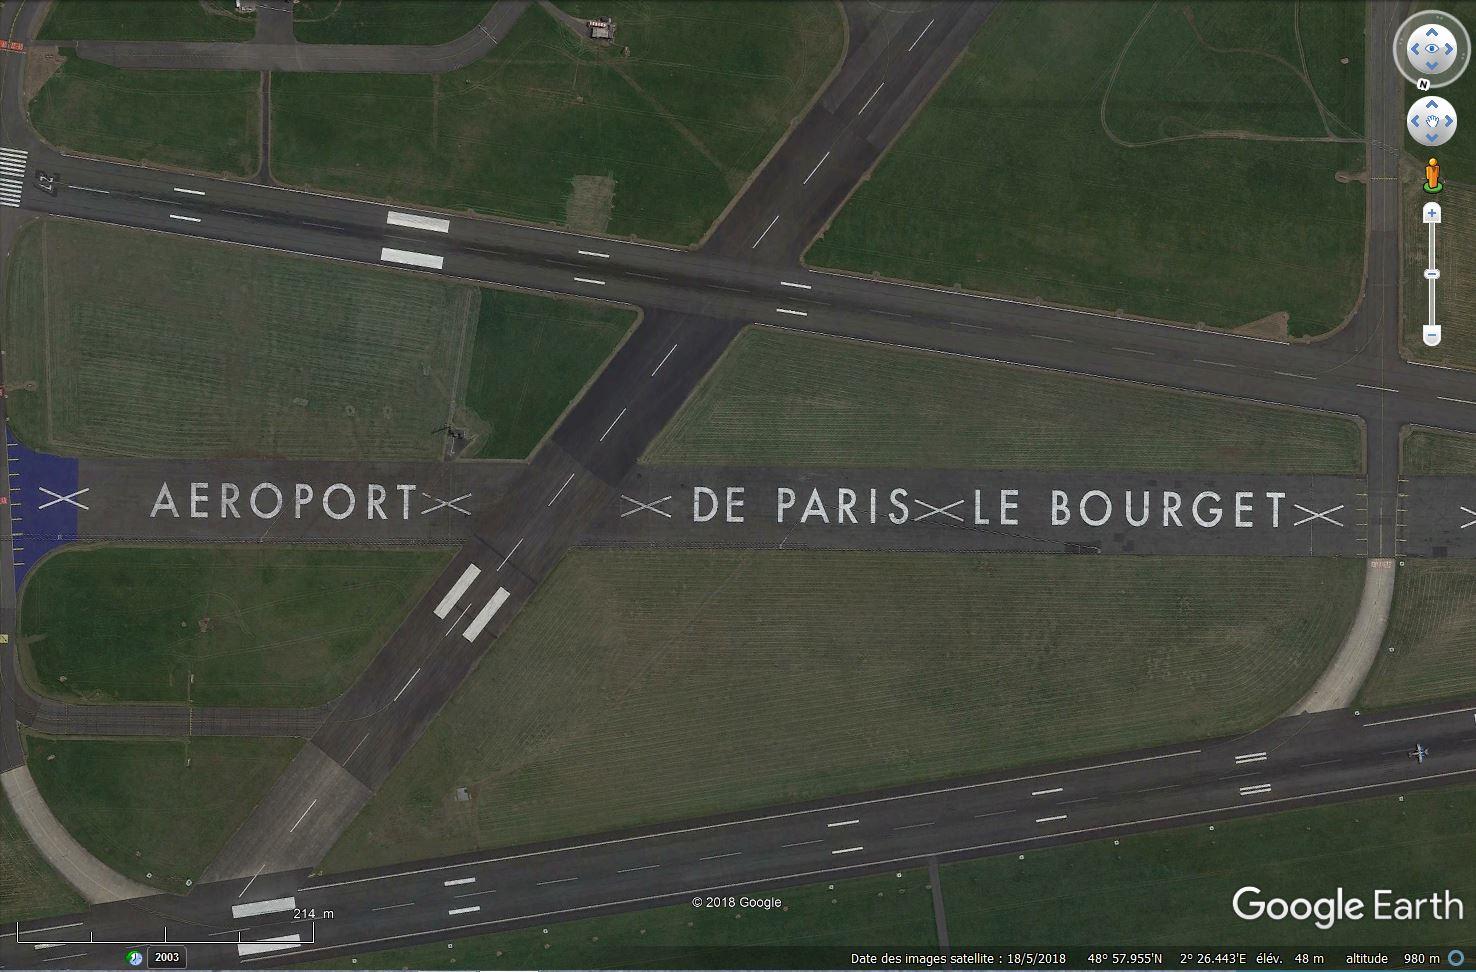 Les inscriptions et écritures sur aérodromes et aéroports - Page 8 Tsge_894